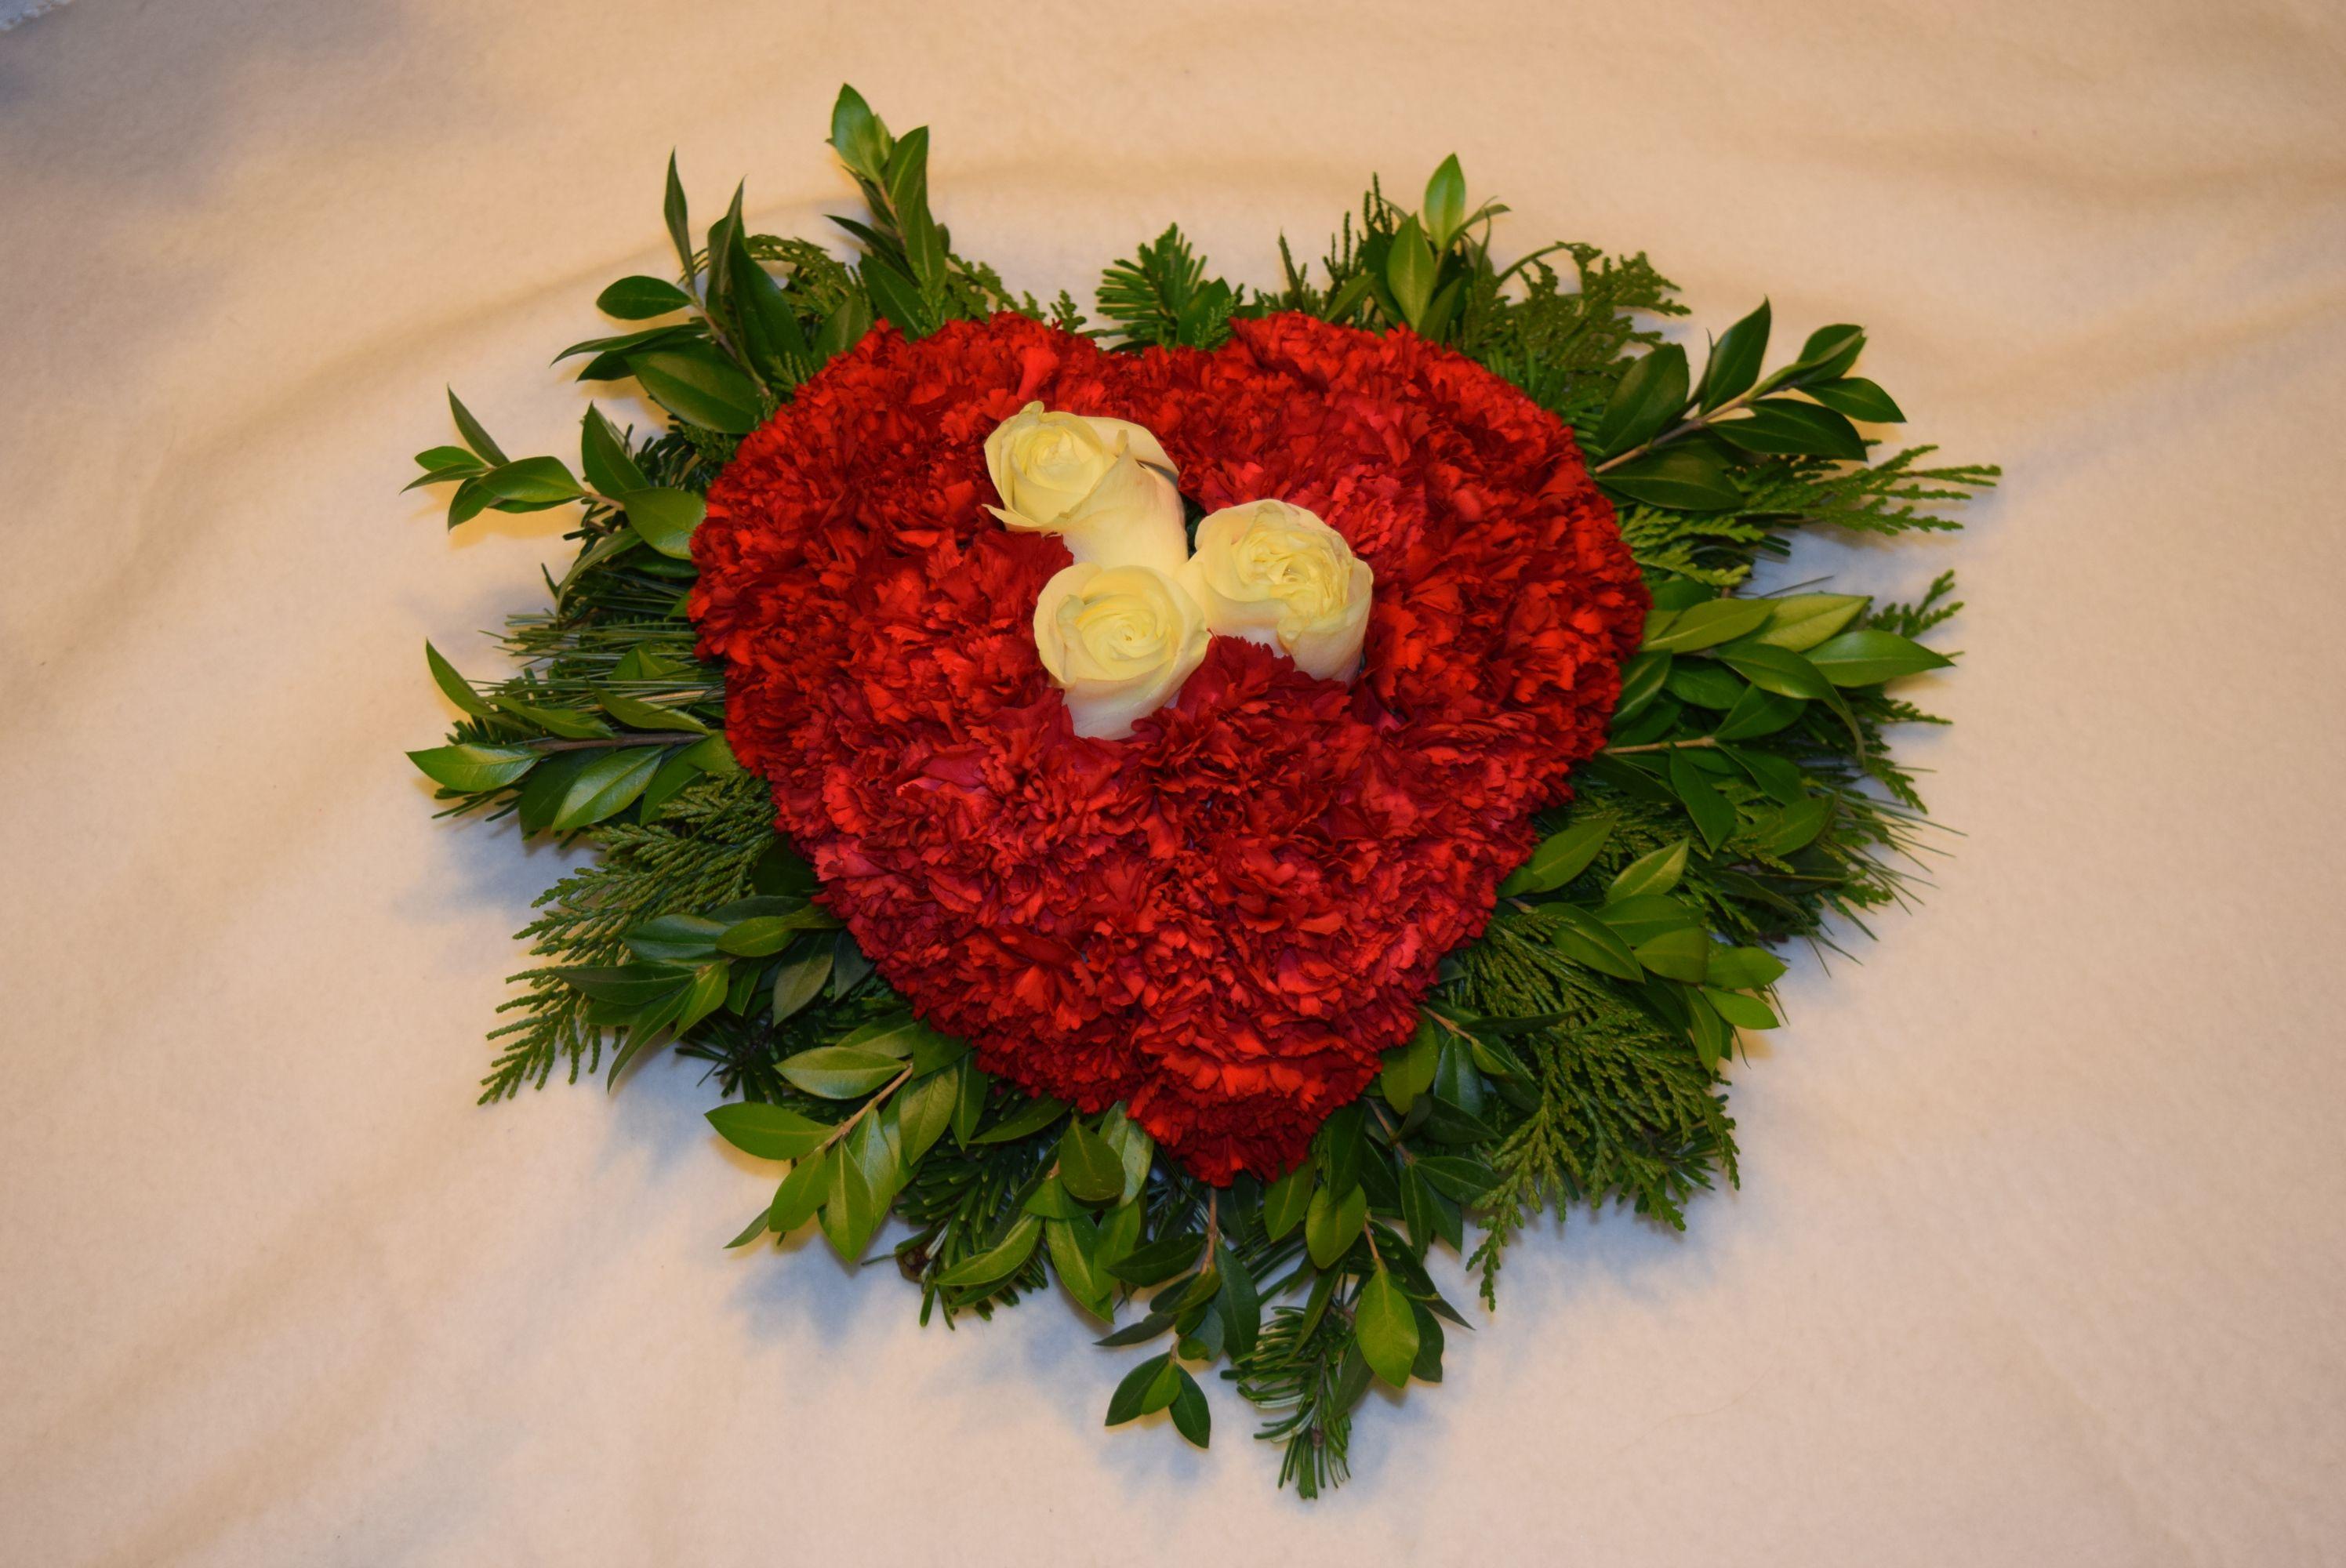 446266cb5095dcf6ab0c1e2e32f86146 - Carmine's Florist Palm Beach Gardens